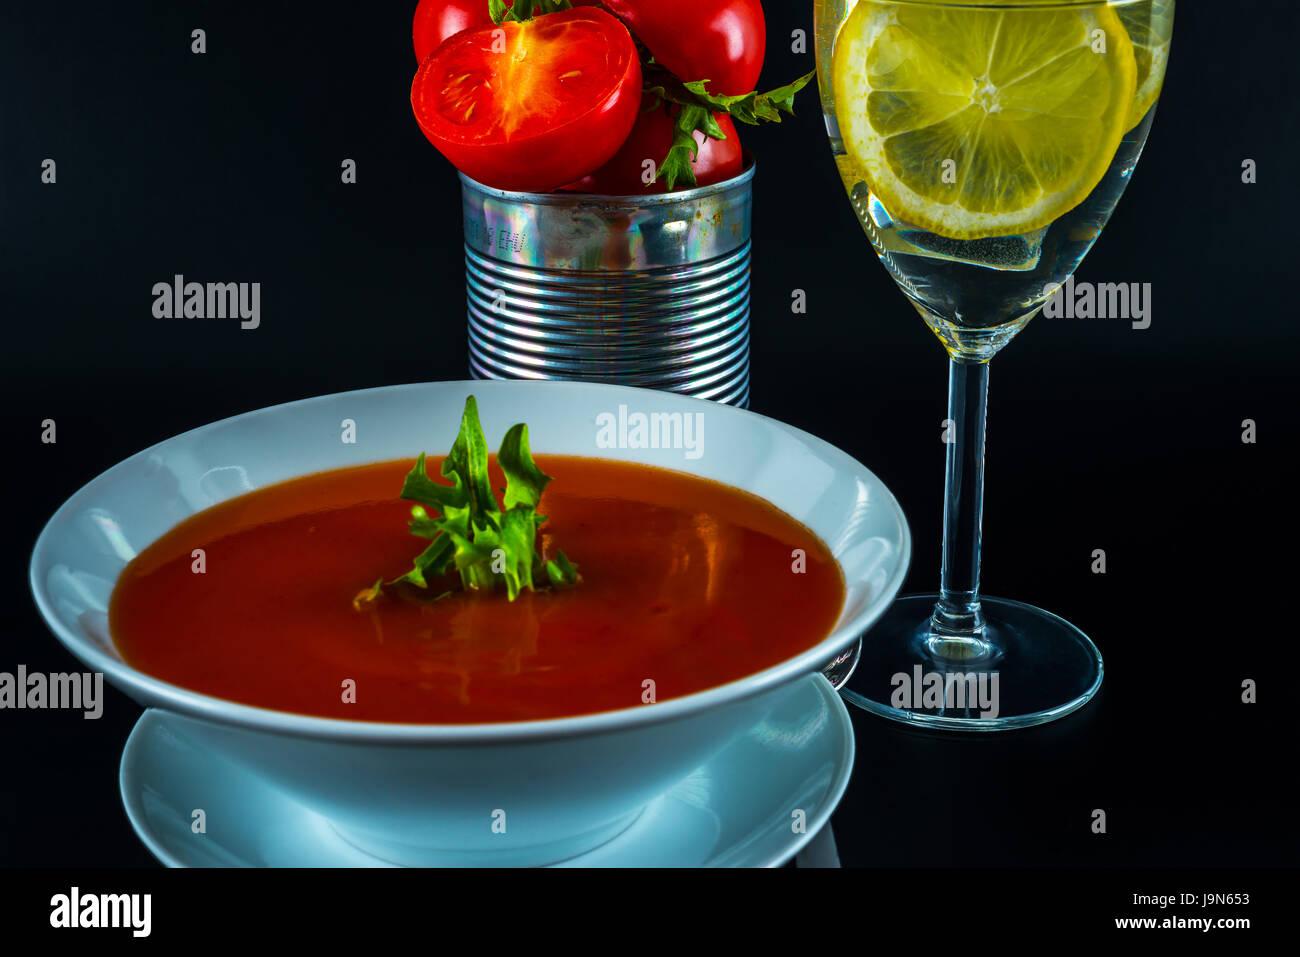 Vegetarische Tomatensuppe Mit Metalldose Frische Tomaten Wasser